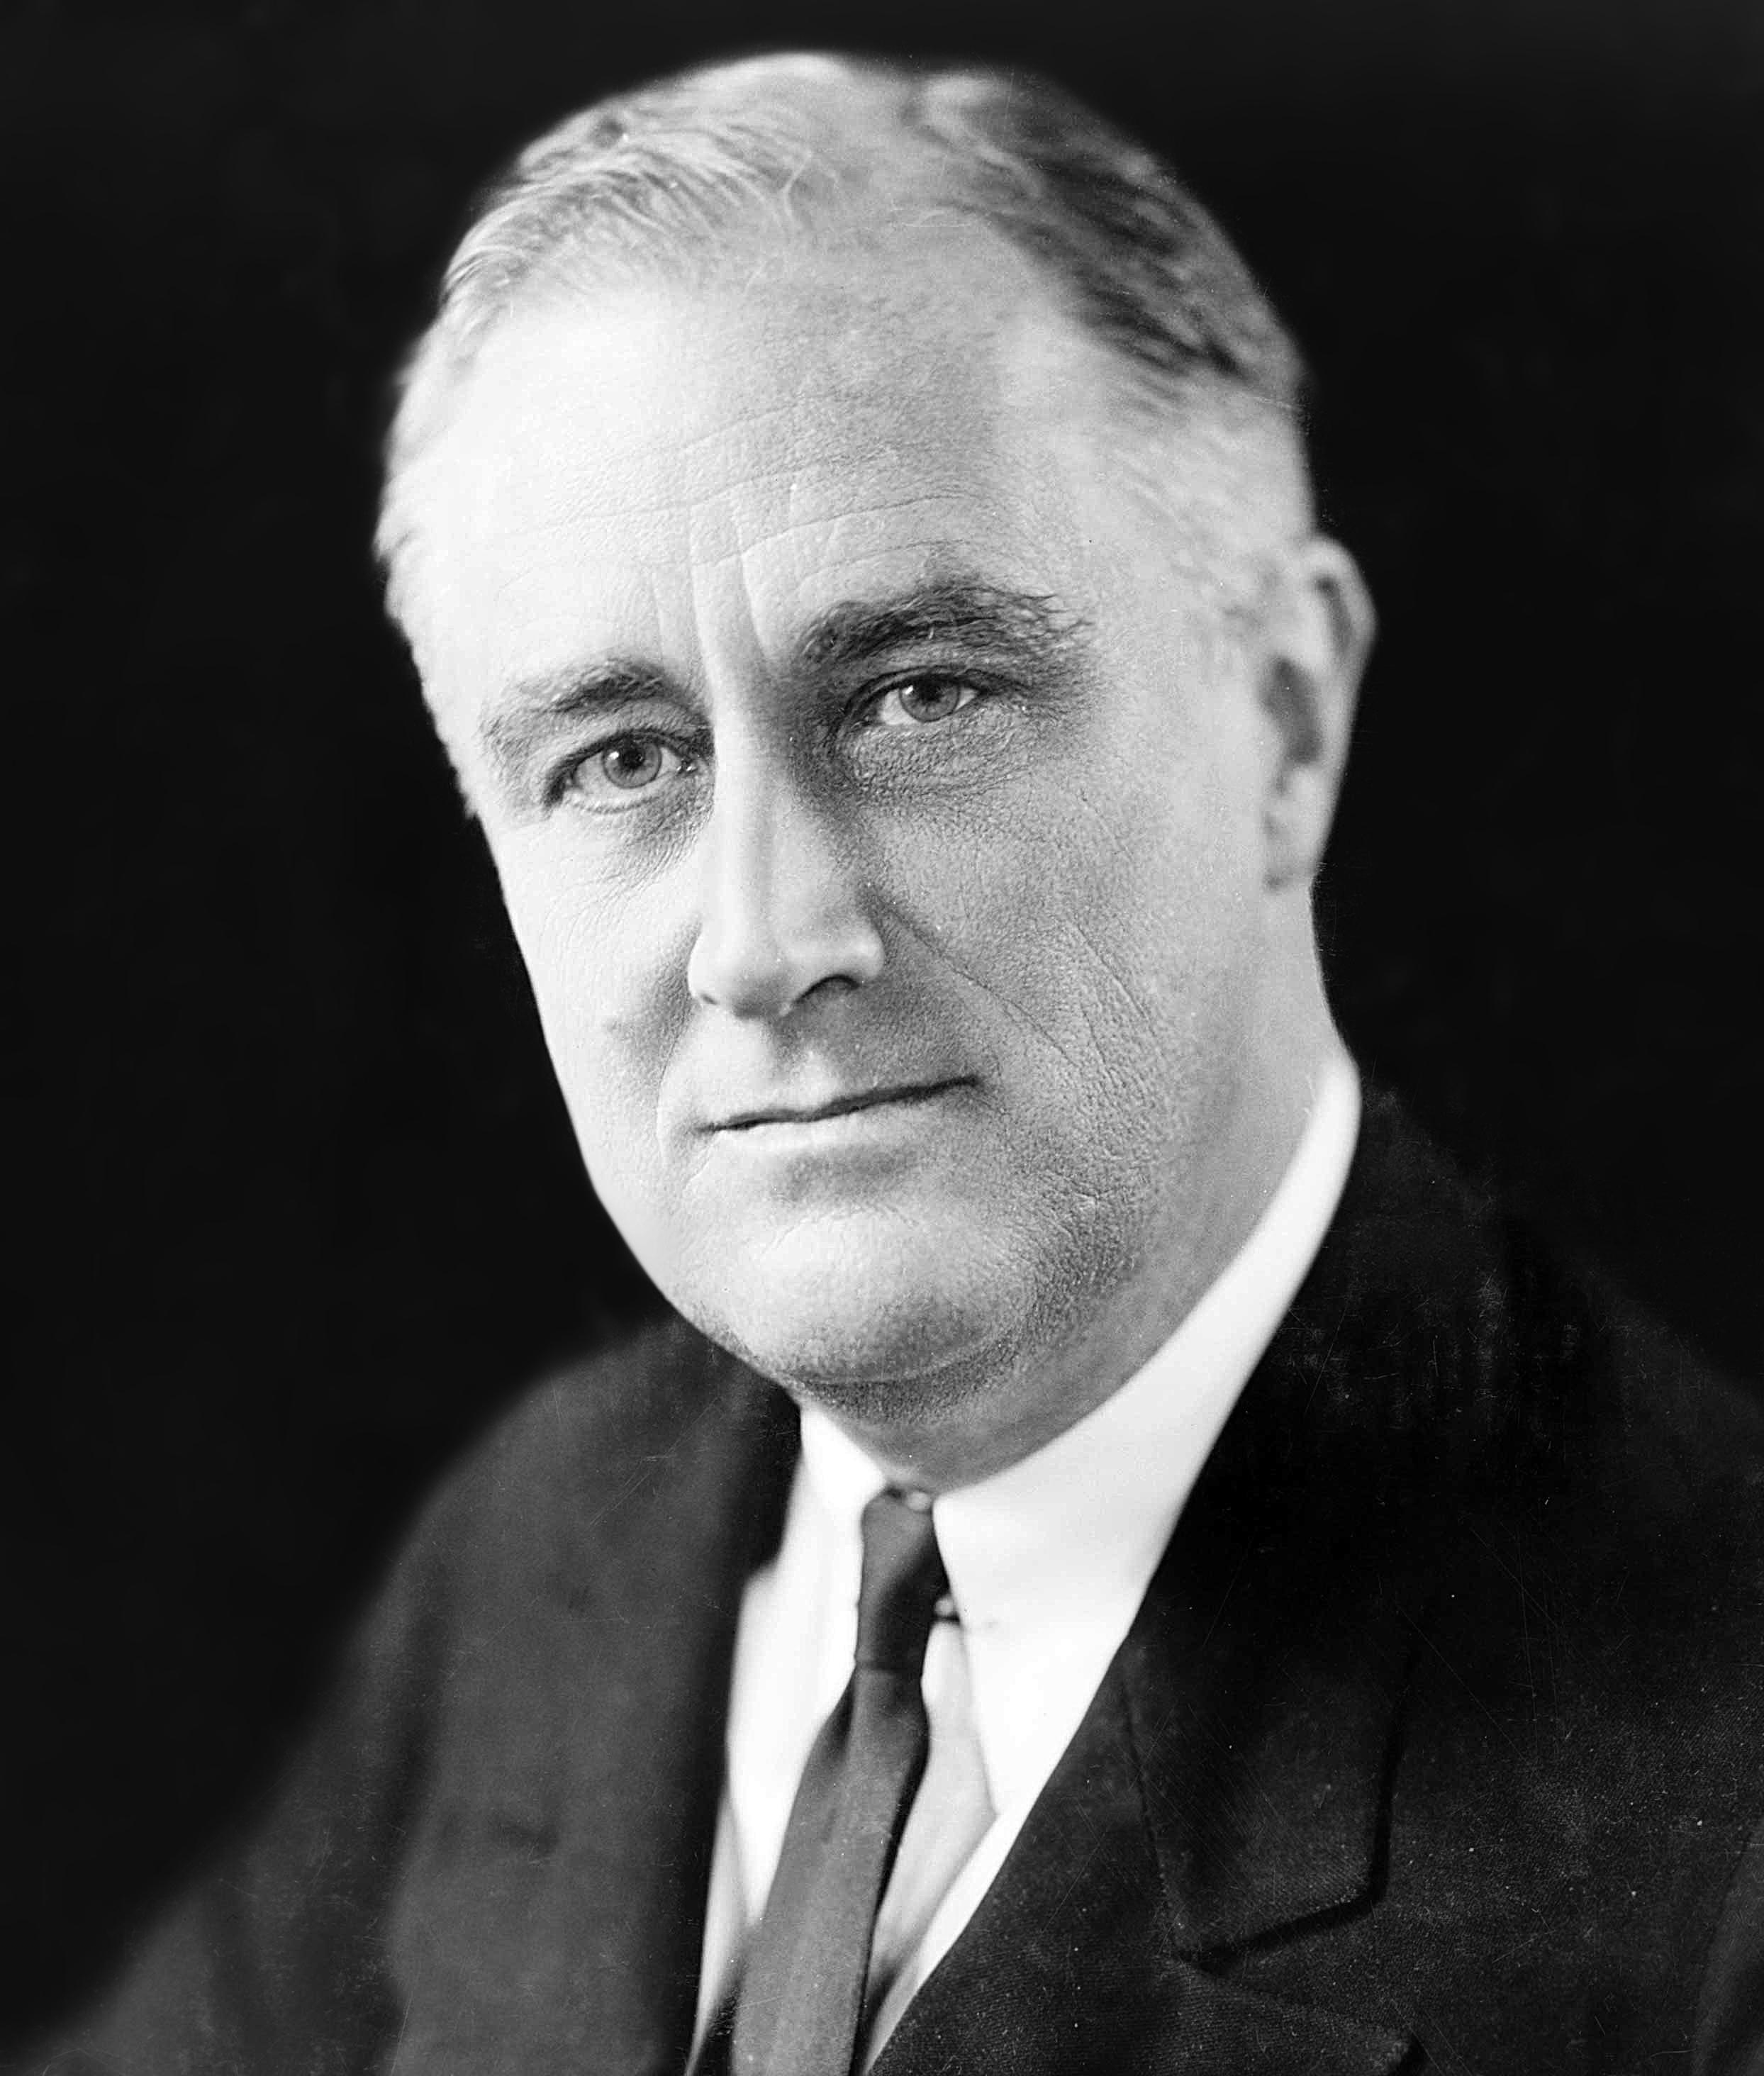 Franklin Delano Roosevelt, December 27, 1933